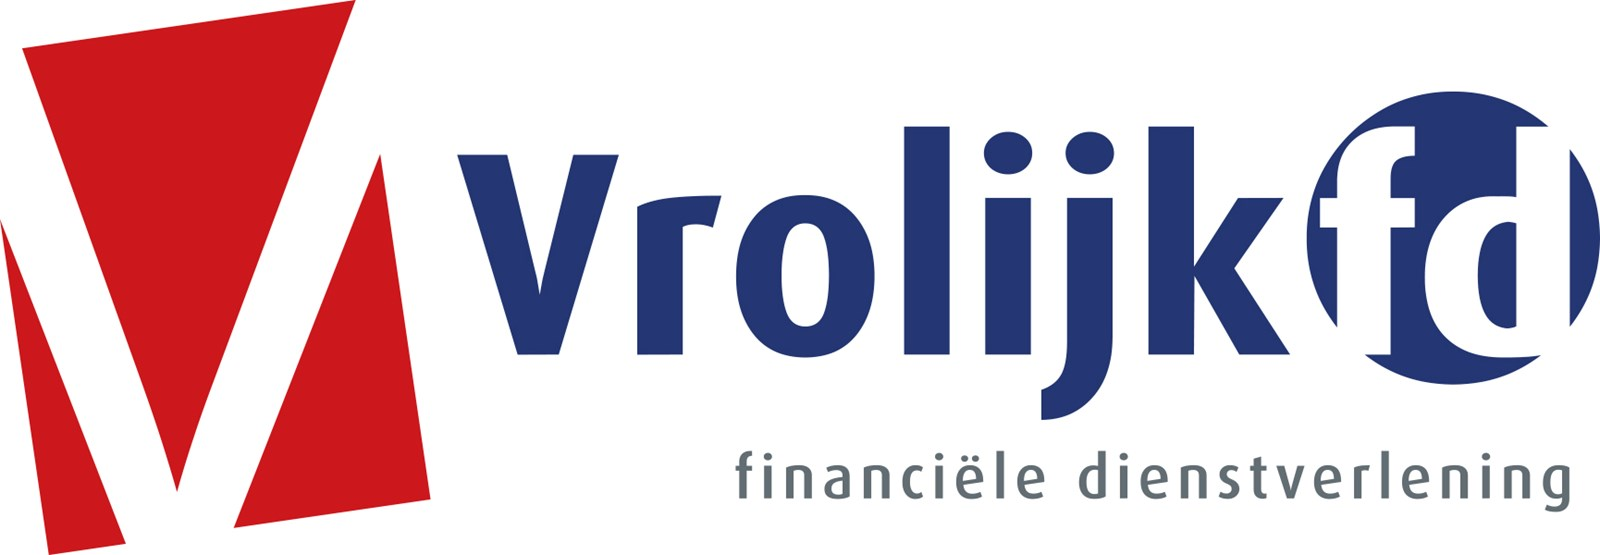 Logo van Vrolijk Verzekeringen